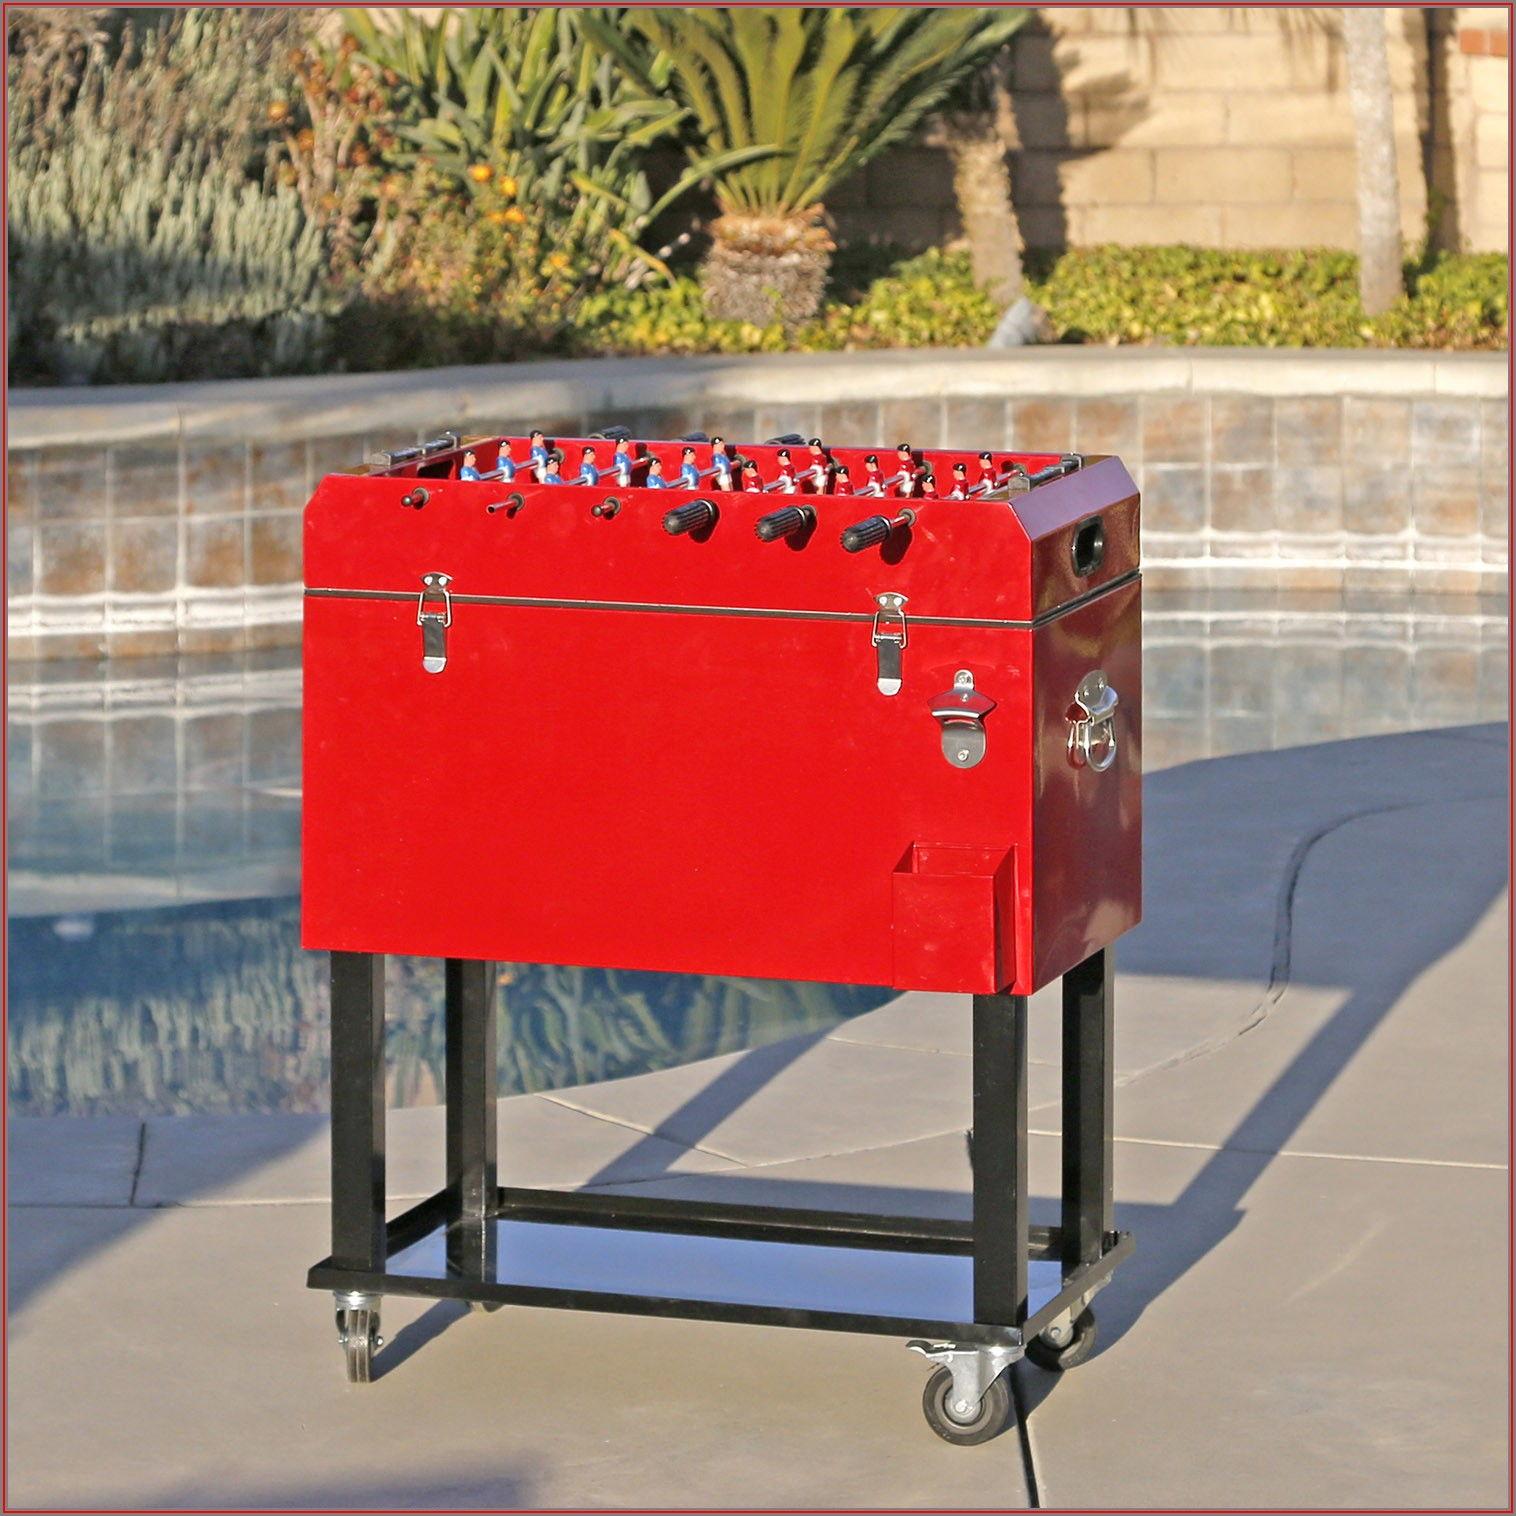 Sky 65 Quart Rolling Outdoor Patio Cooler